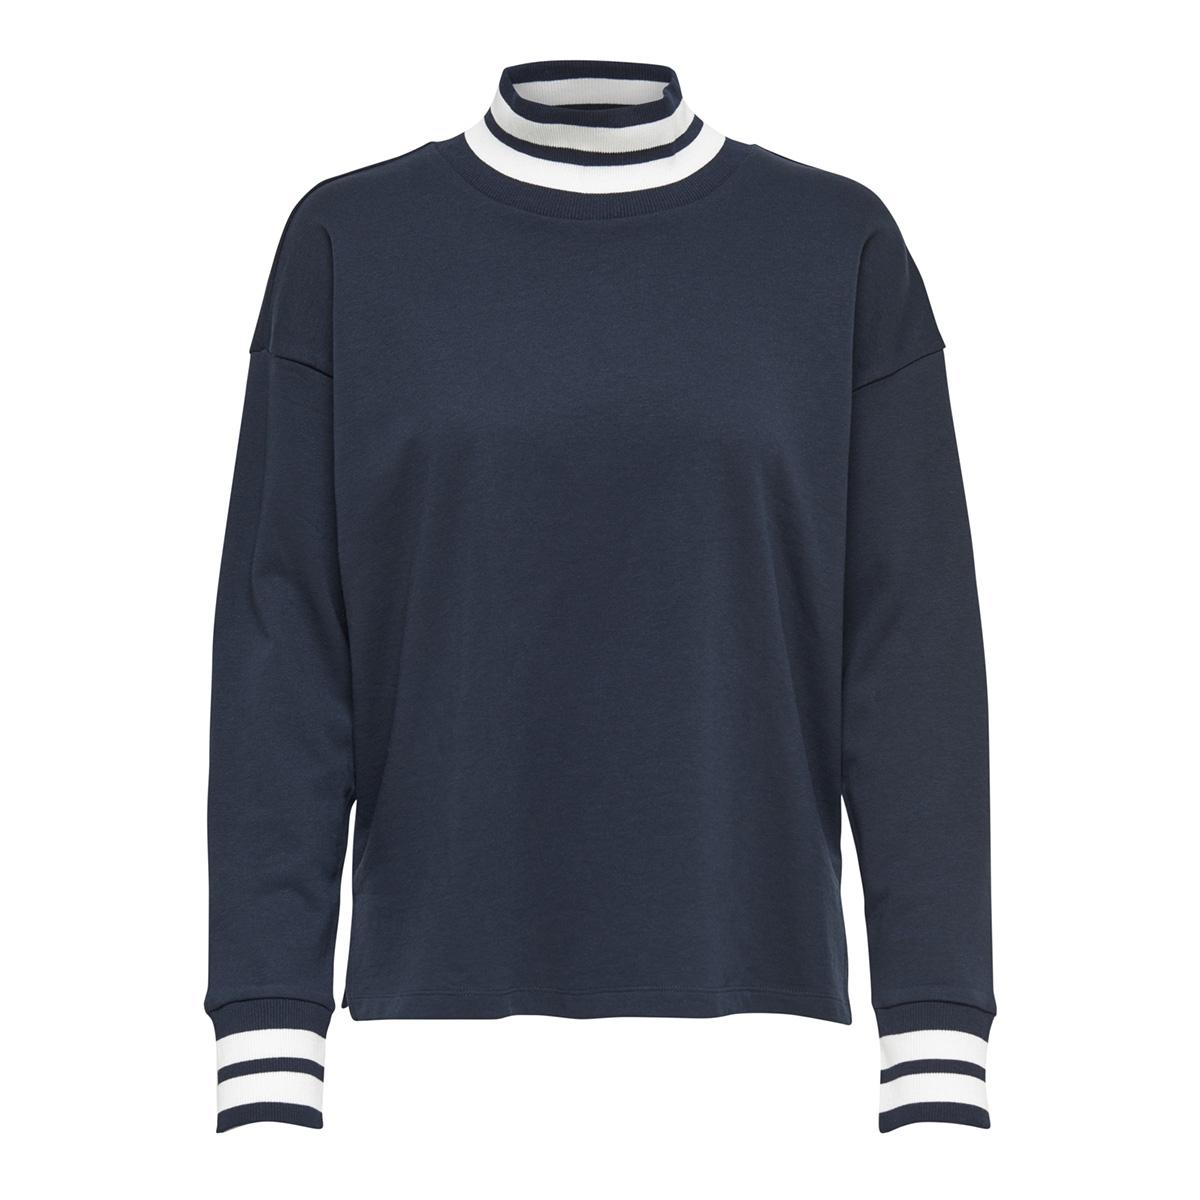 jdybowie l/s rib sweat jrs 15169554 jacqueline de yong sweater sky captain/w. sky captain